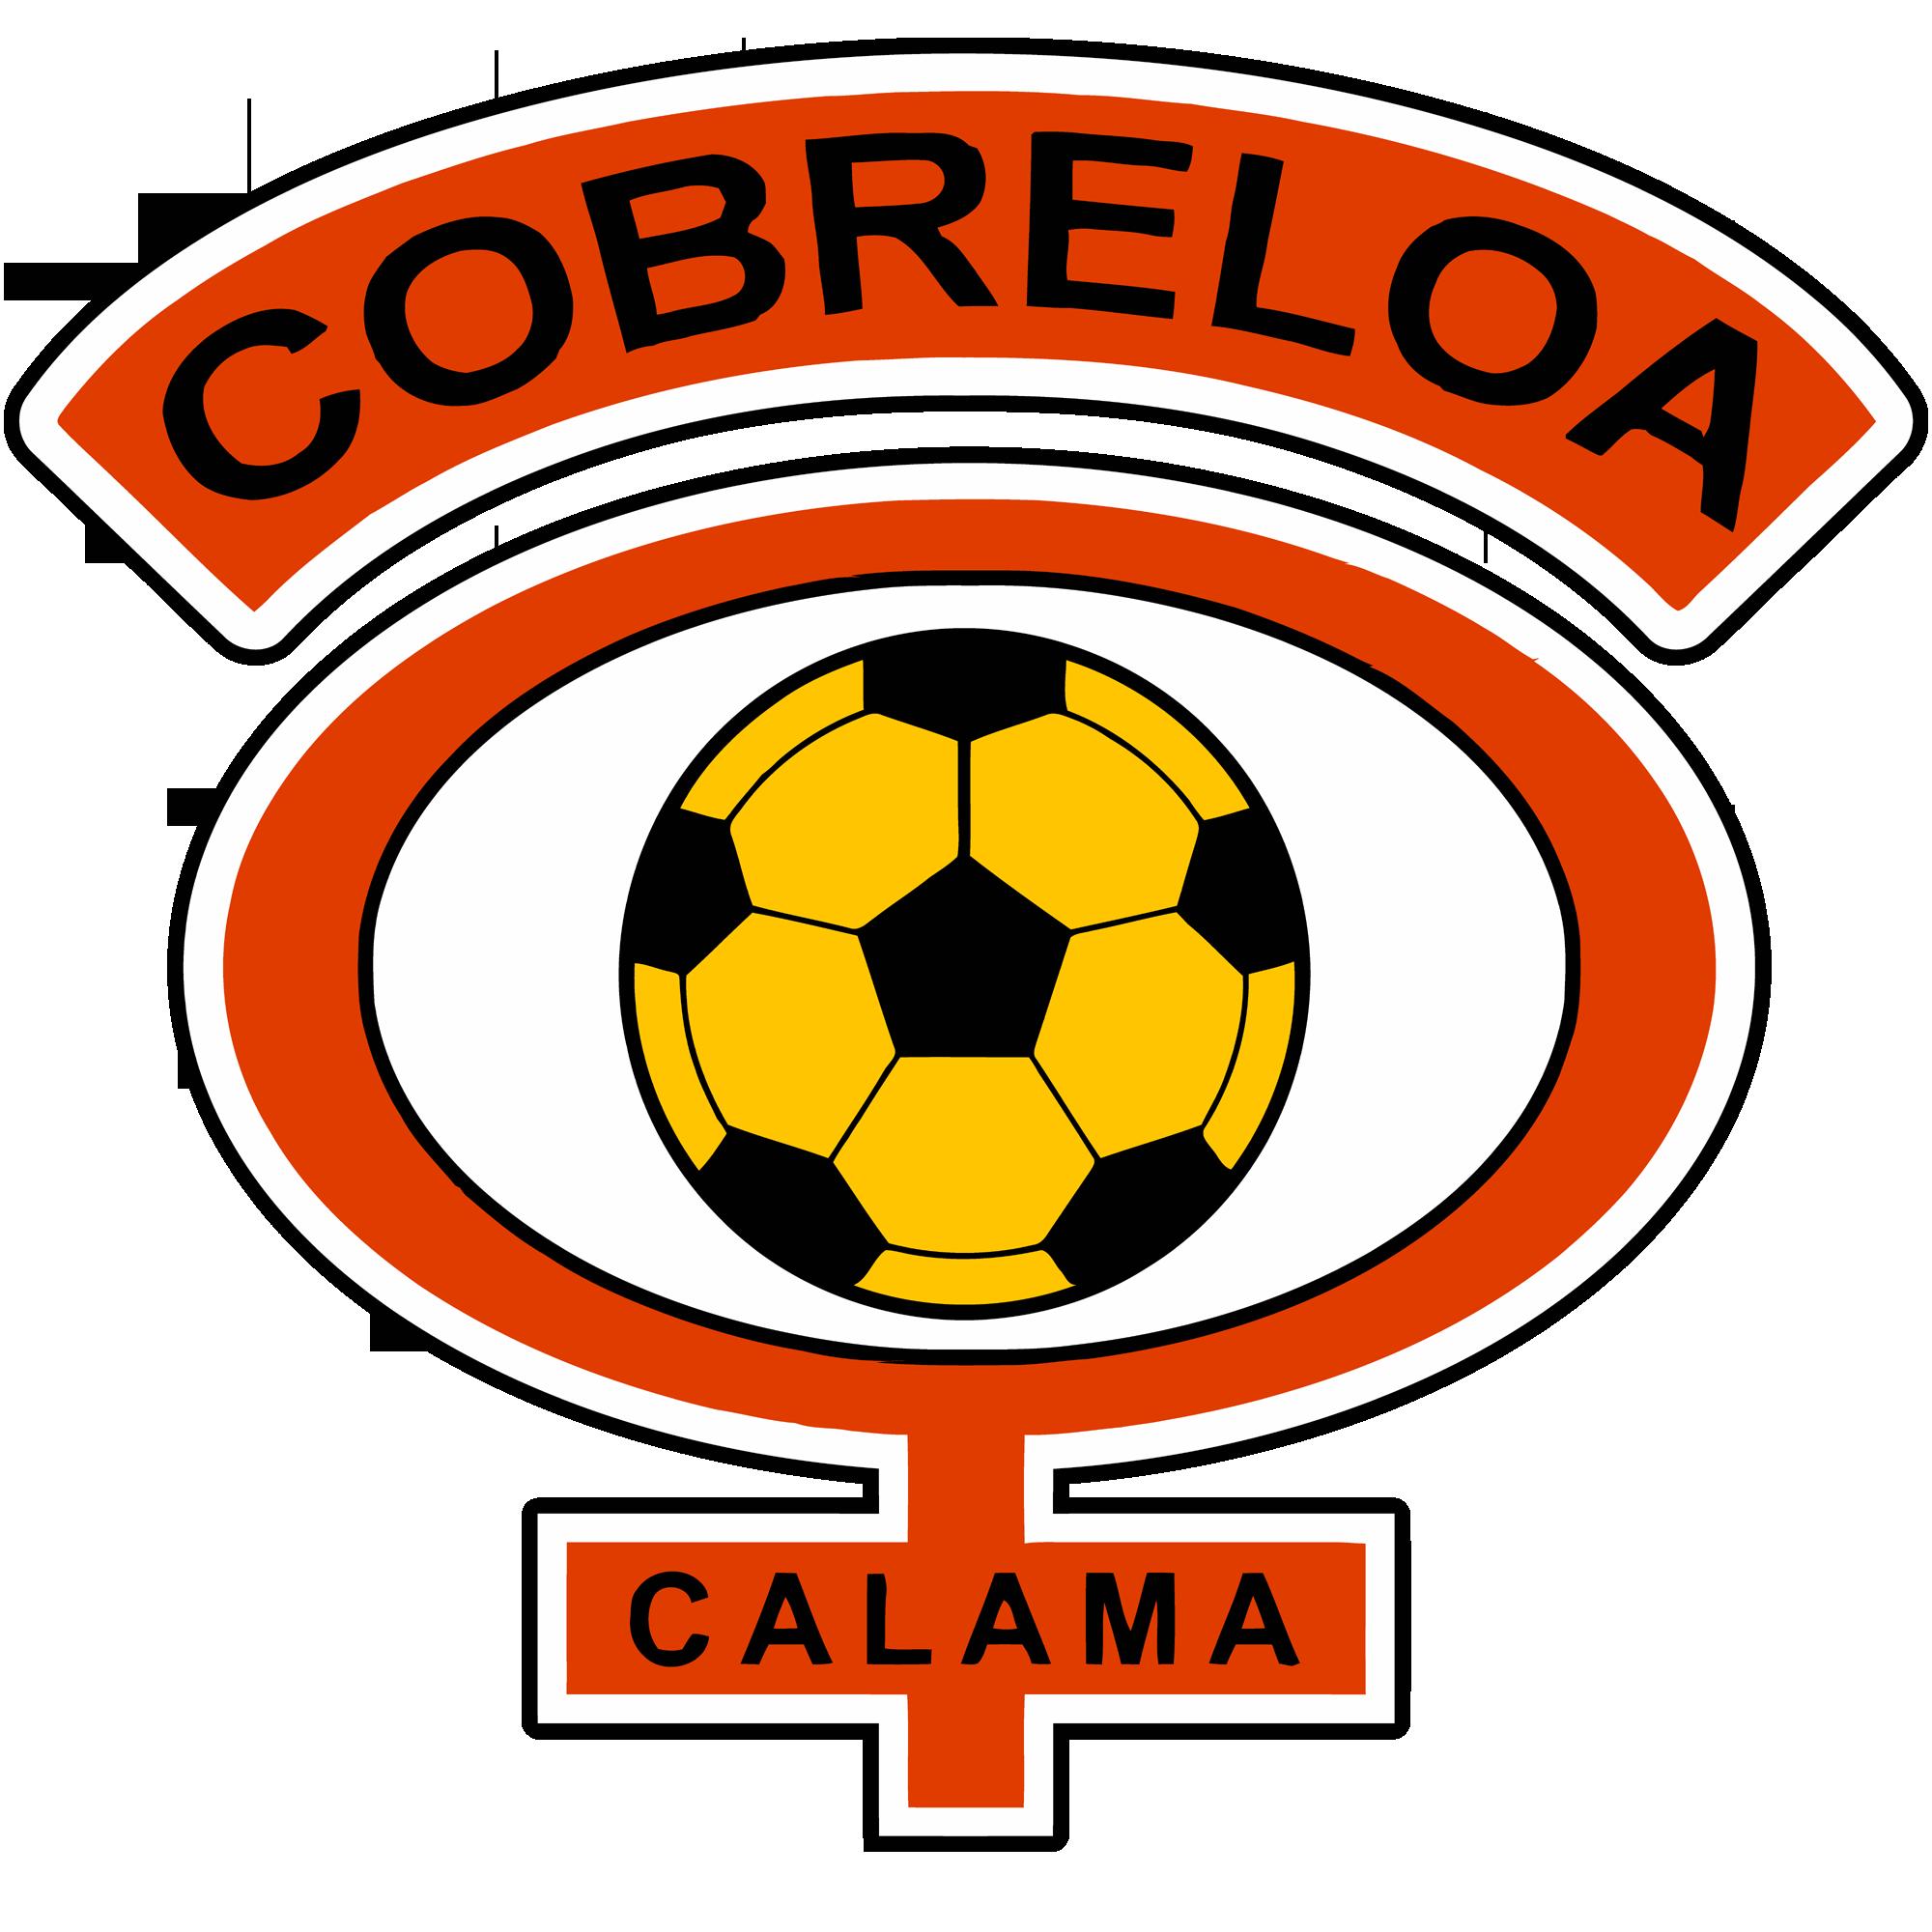 Cobreloa Chilena e28b4150753